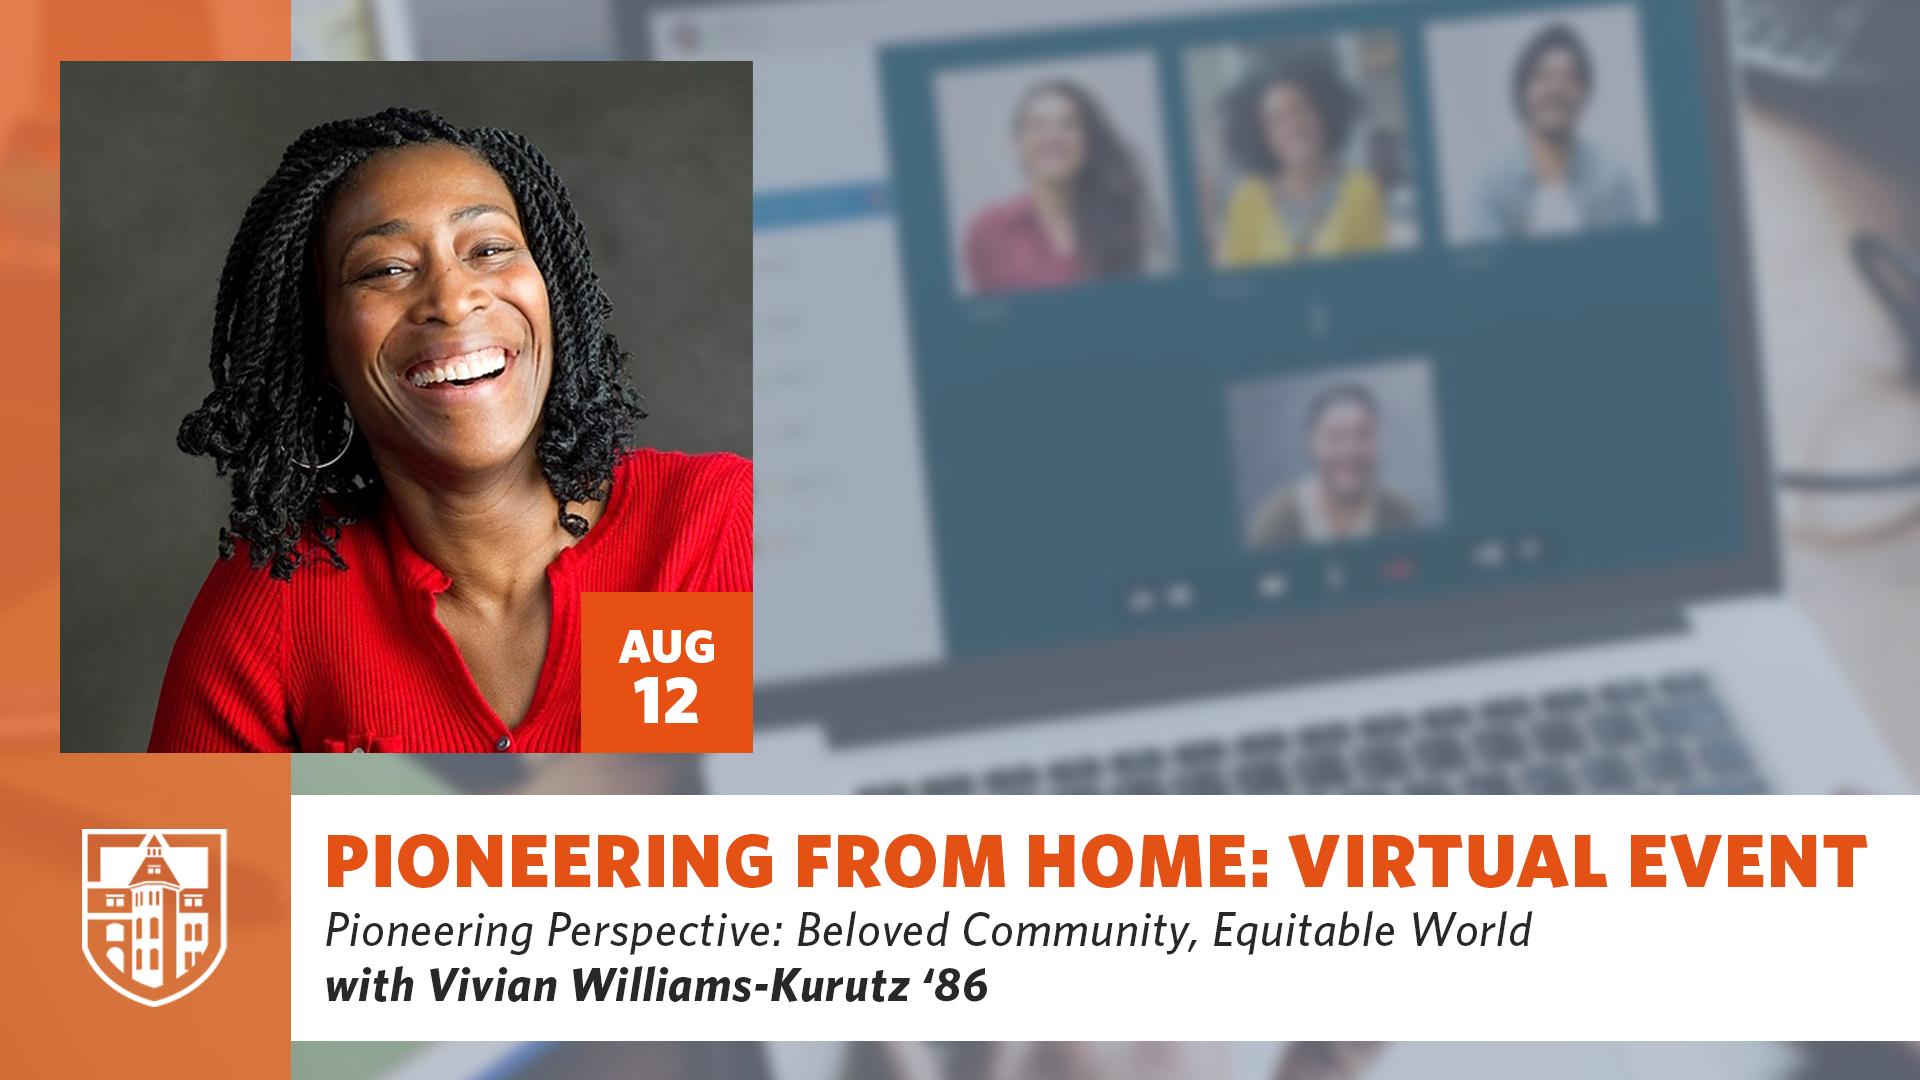 Pioneering Perspective: Vivian Williams-Kurutz '86